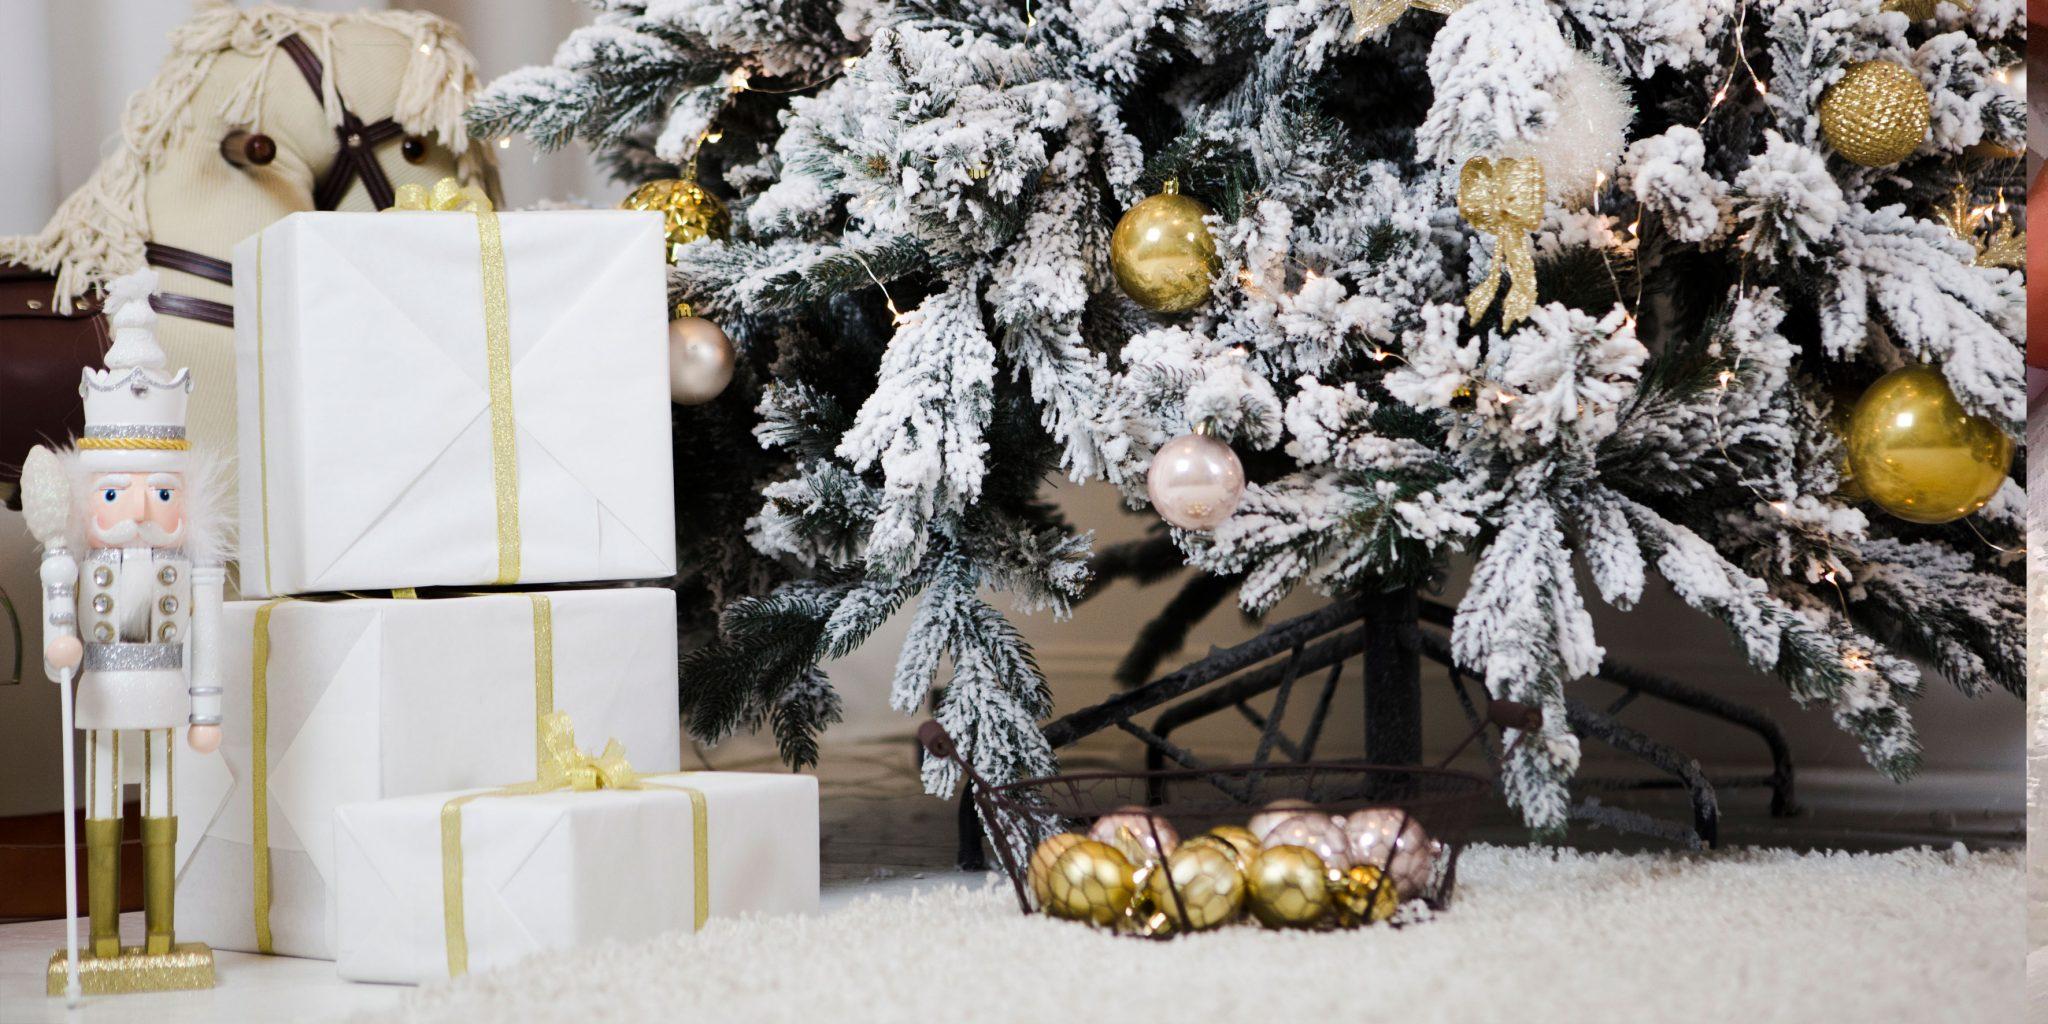 Картика подарков под ёлкой